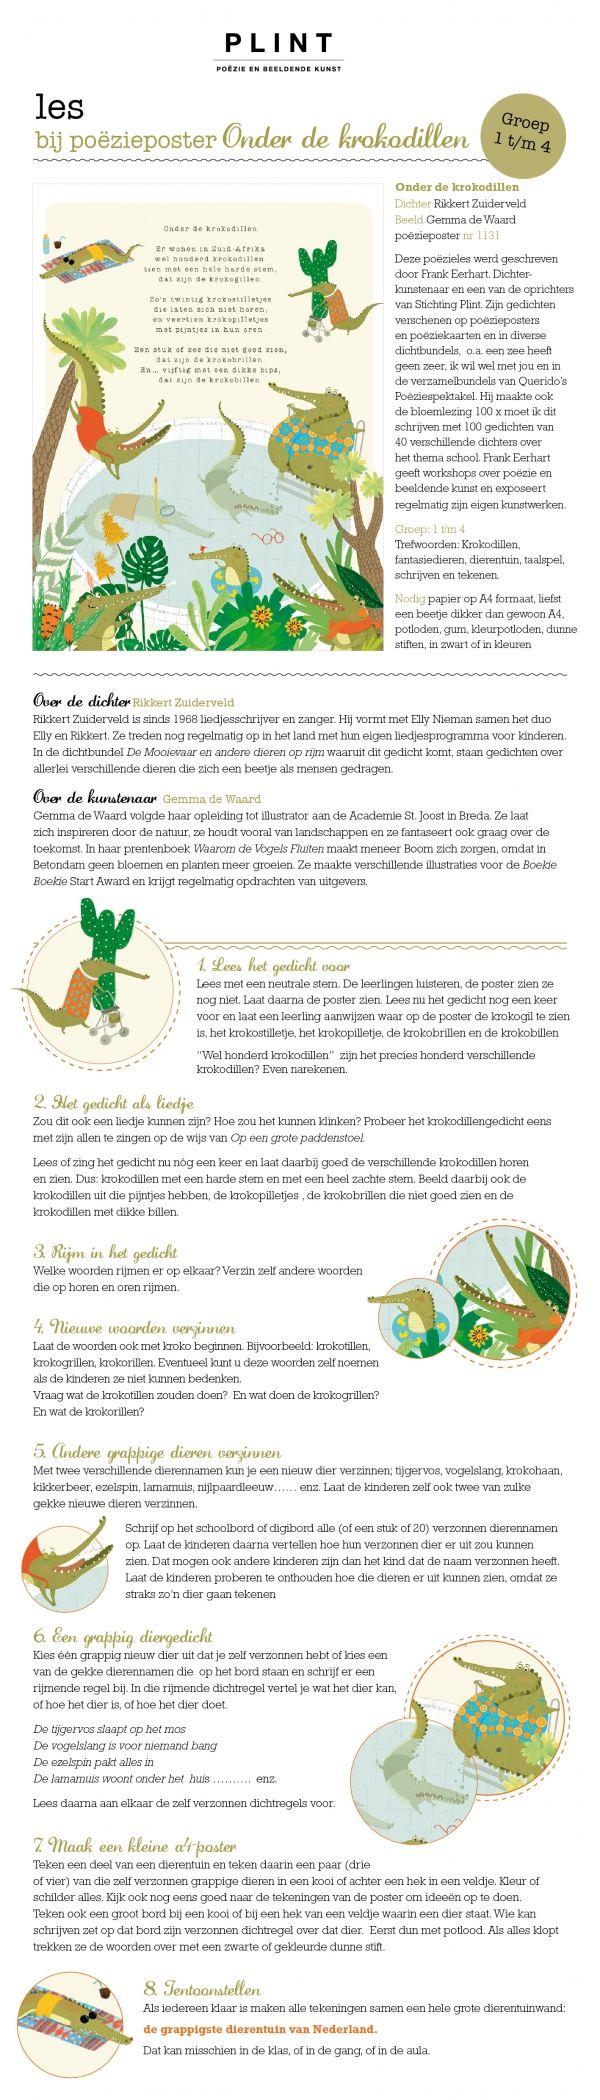 'Onder de krokodillen' door Rikkert Zuiderveld. Les bij poëzieposter van Plint - poëzie en beeldende kunst. Illustratie: Gemma de Waard